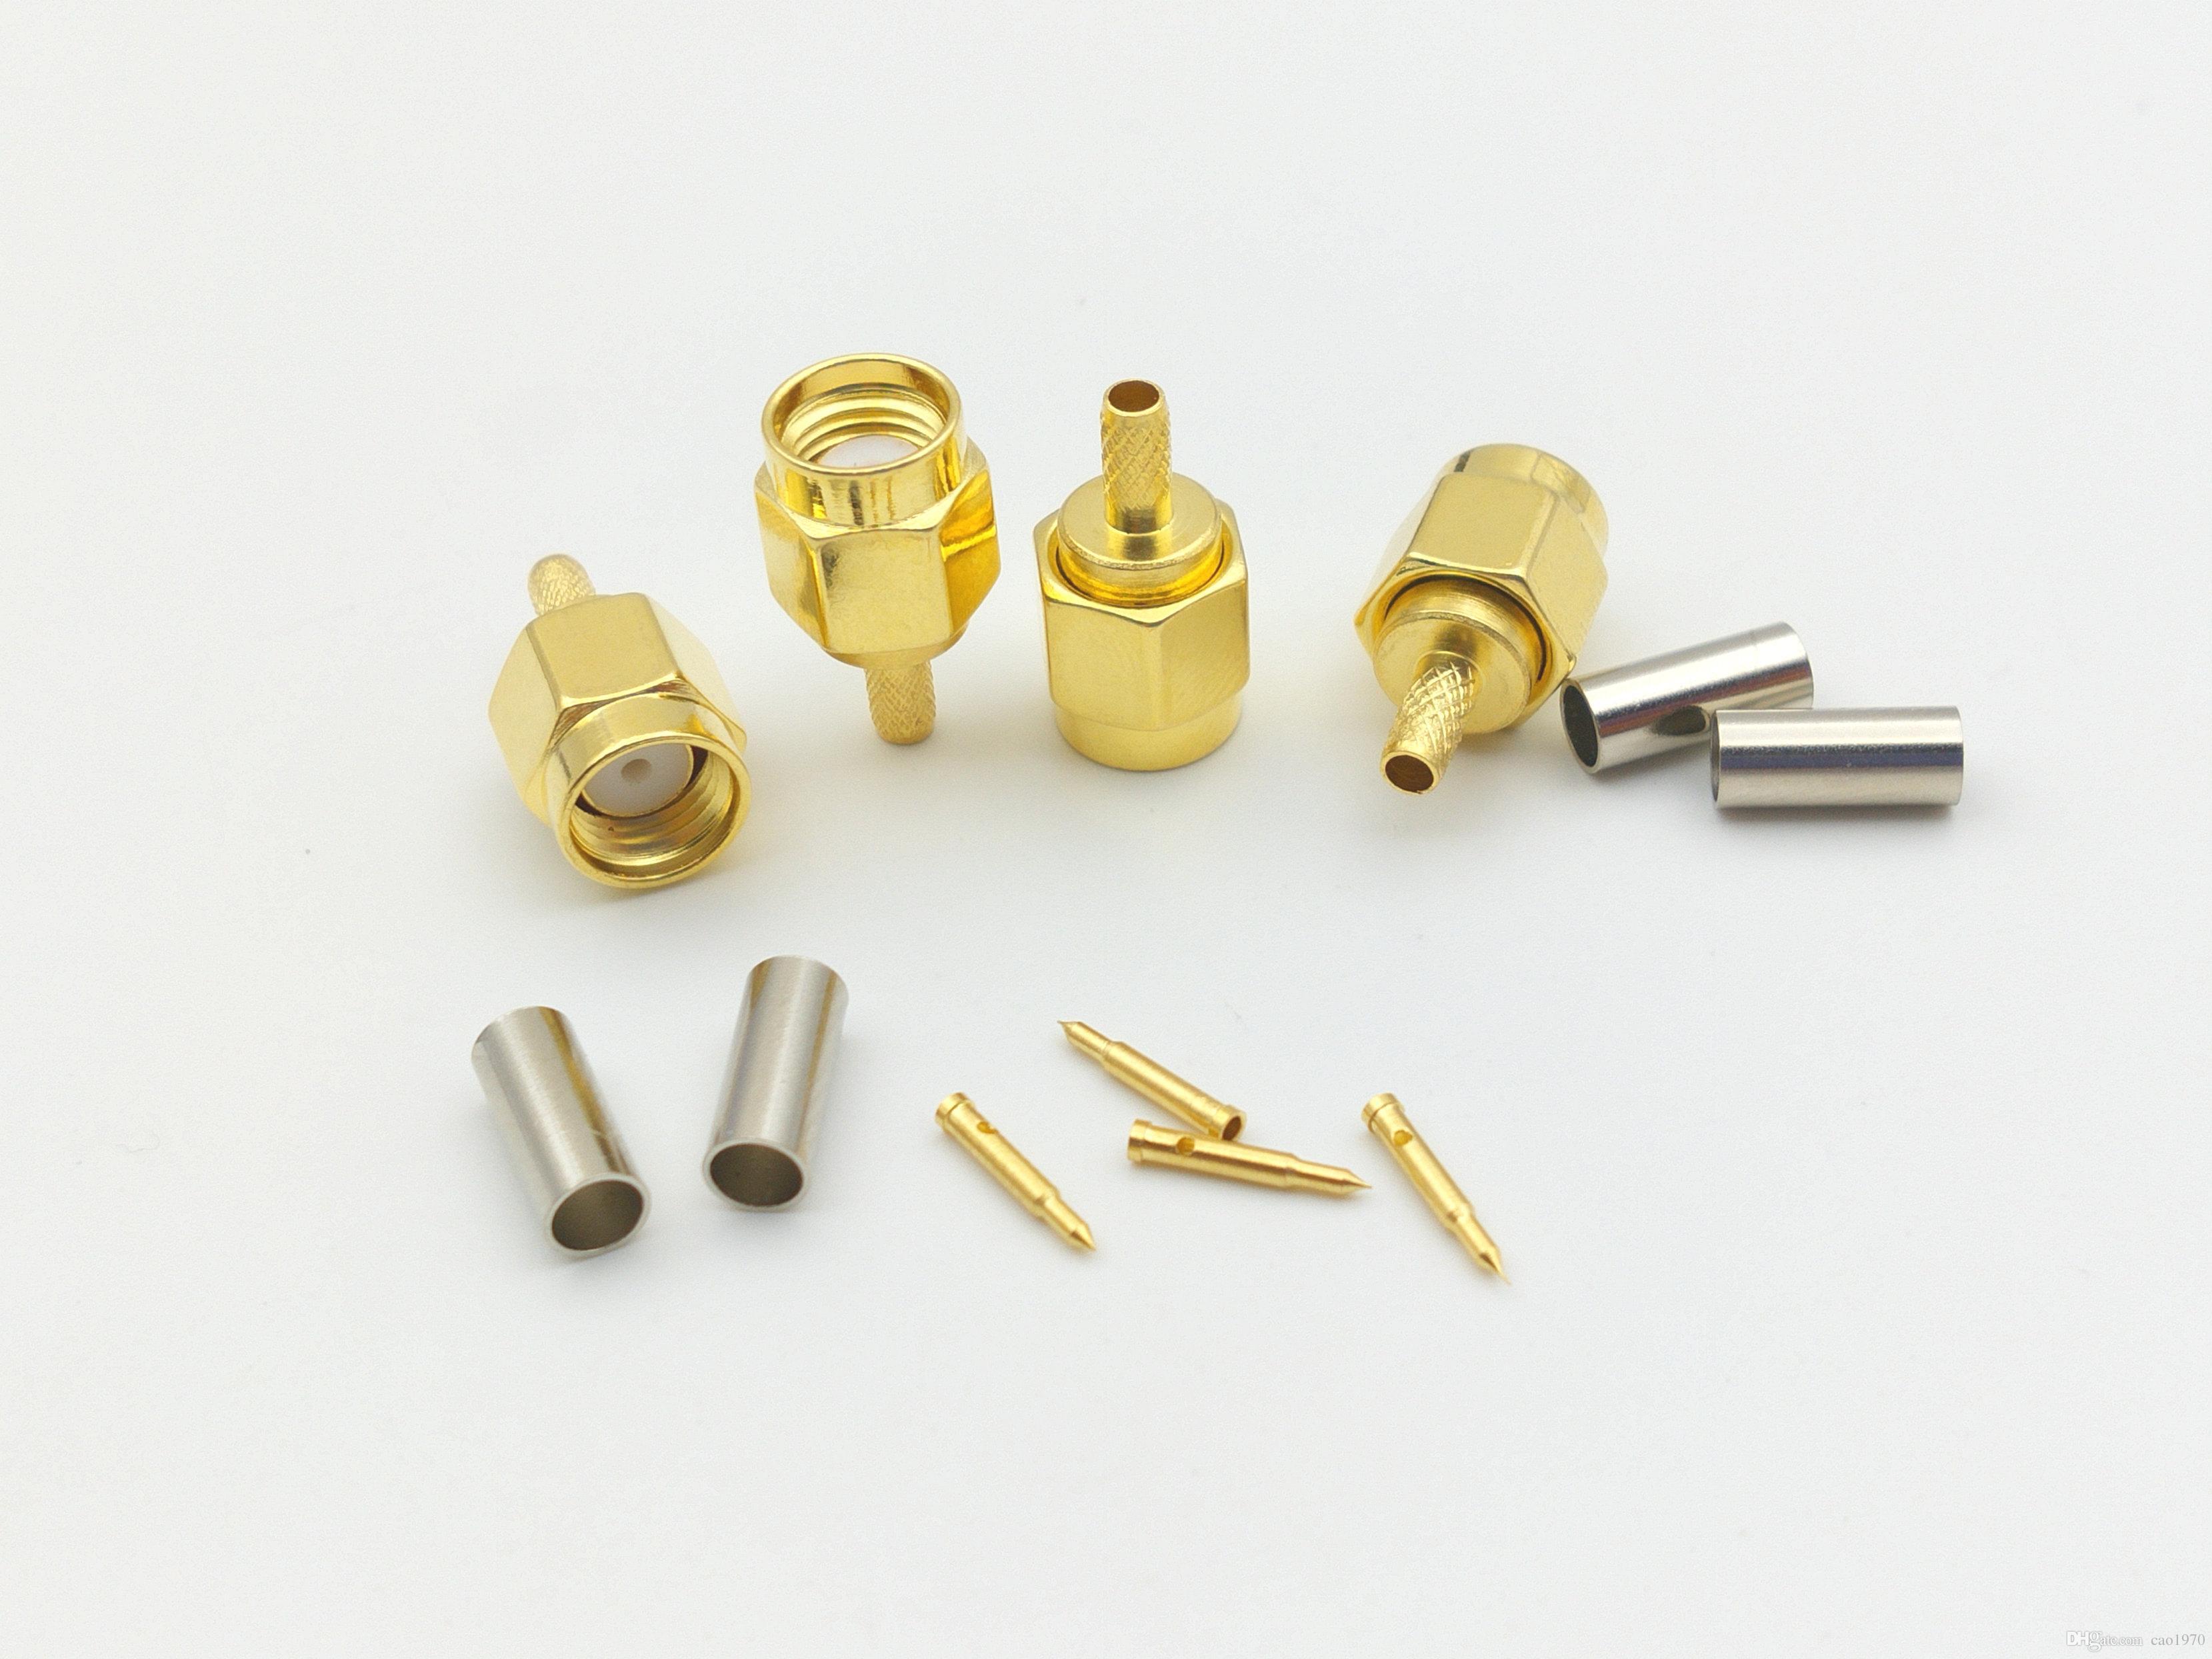 100pcs مطلية بالذهب SMA الذكور تجعيد ل RG174 RG179 RG316 RG188 محول